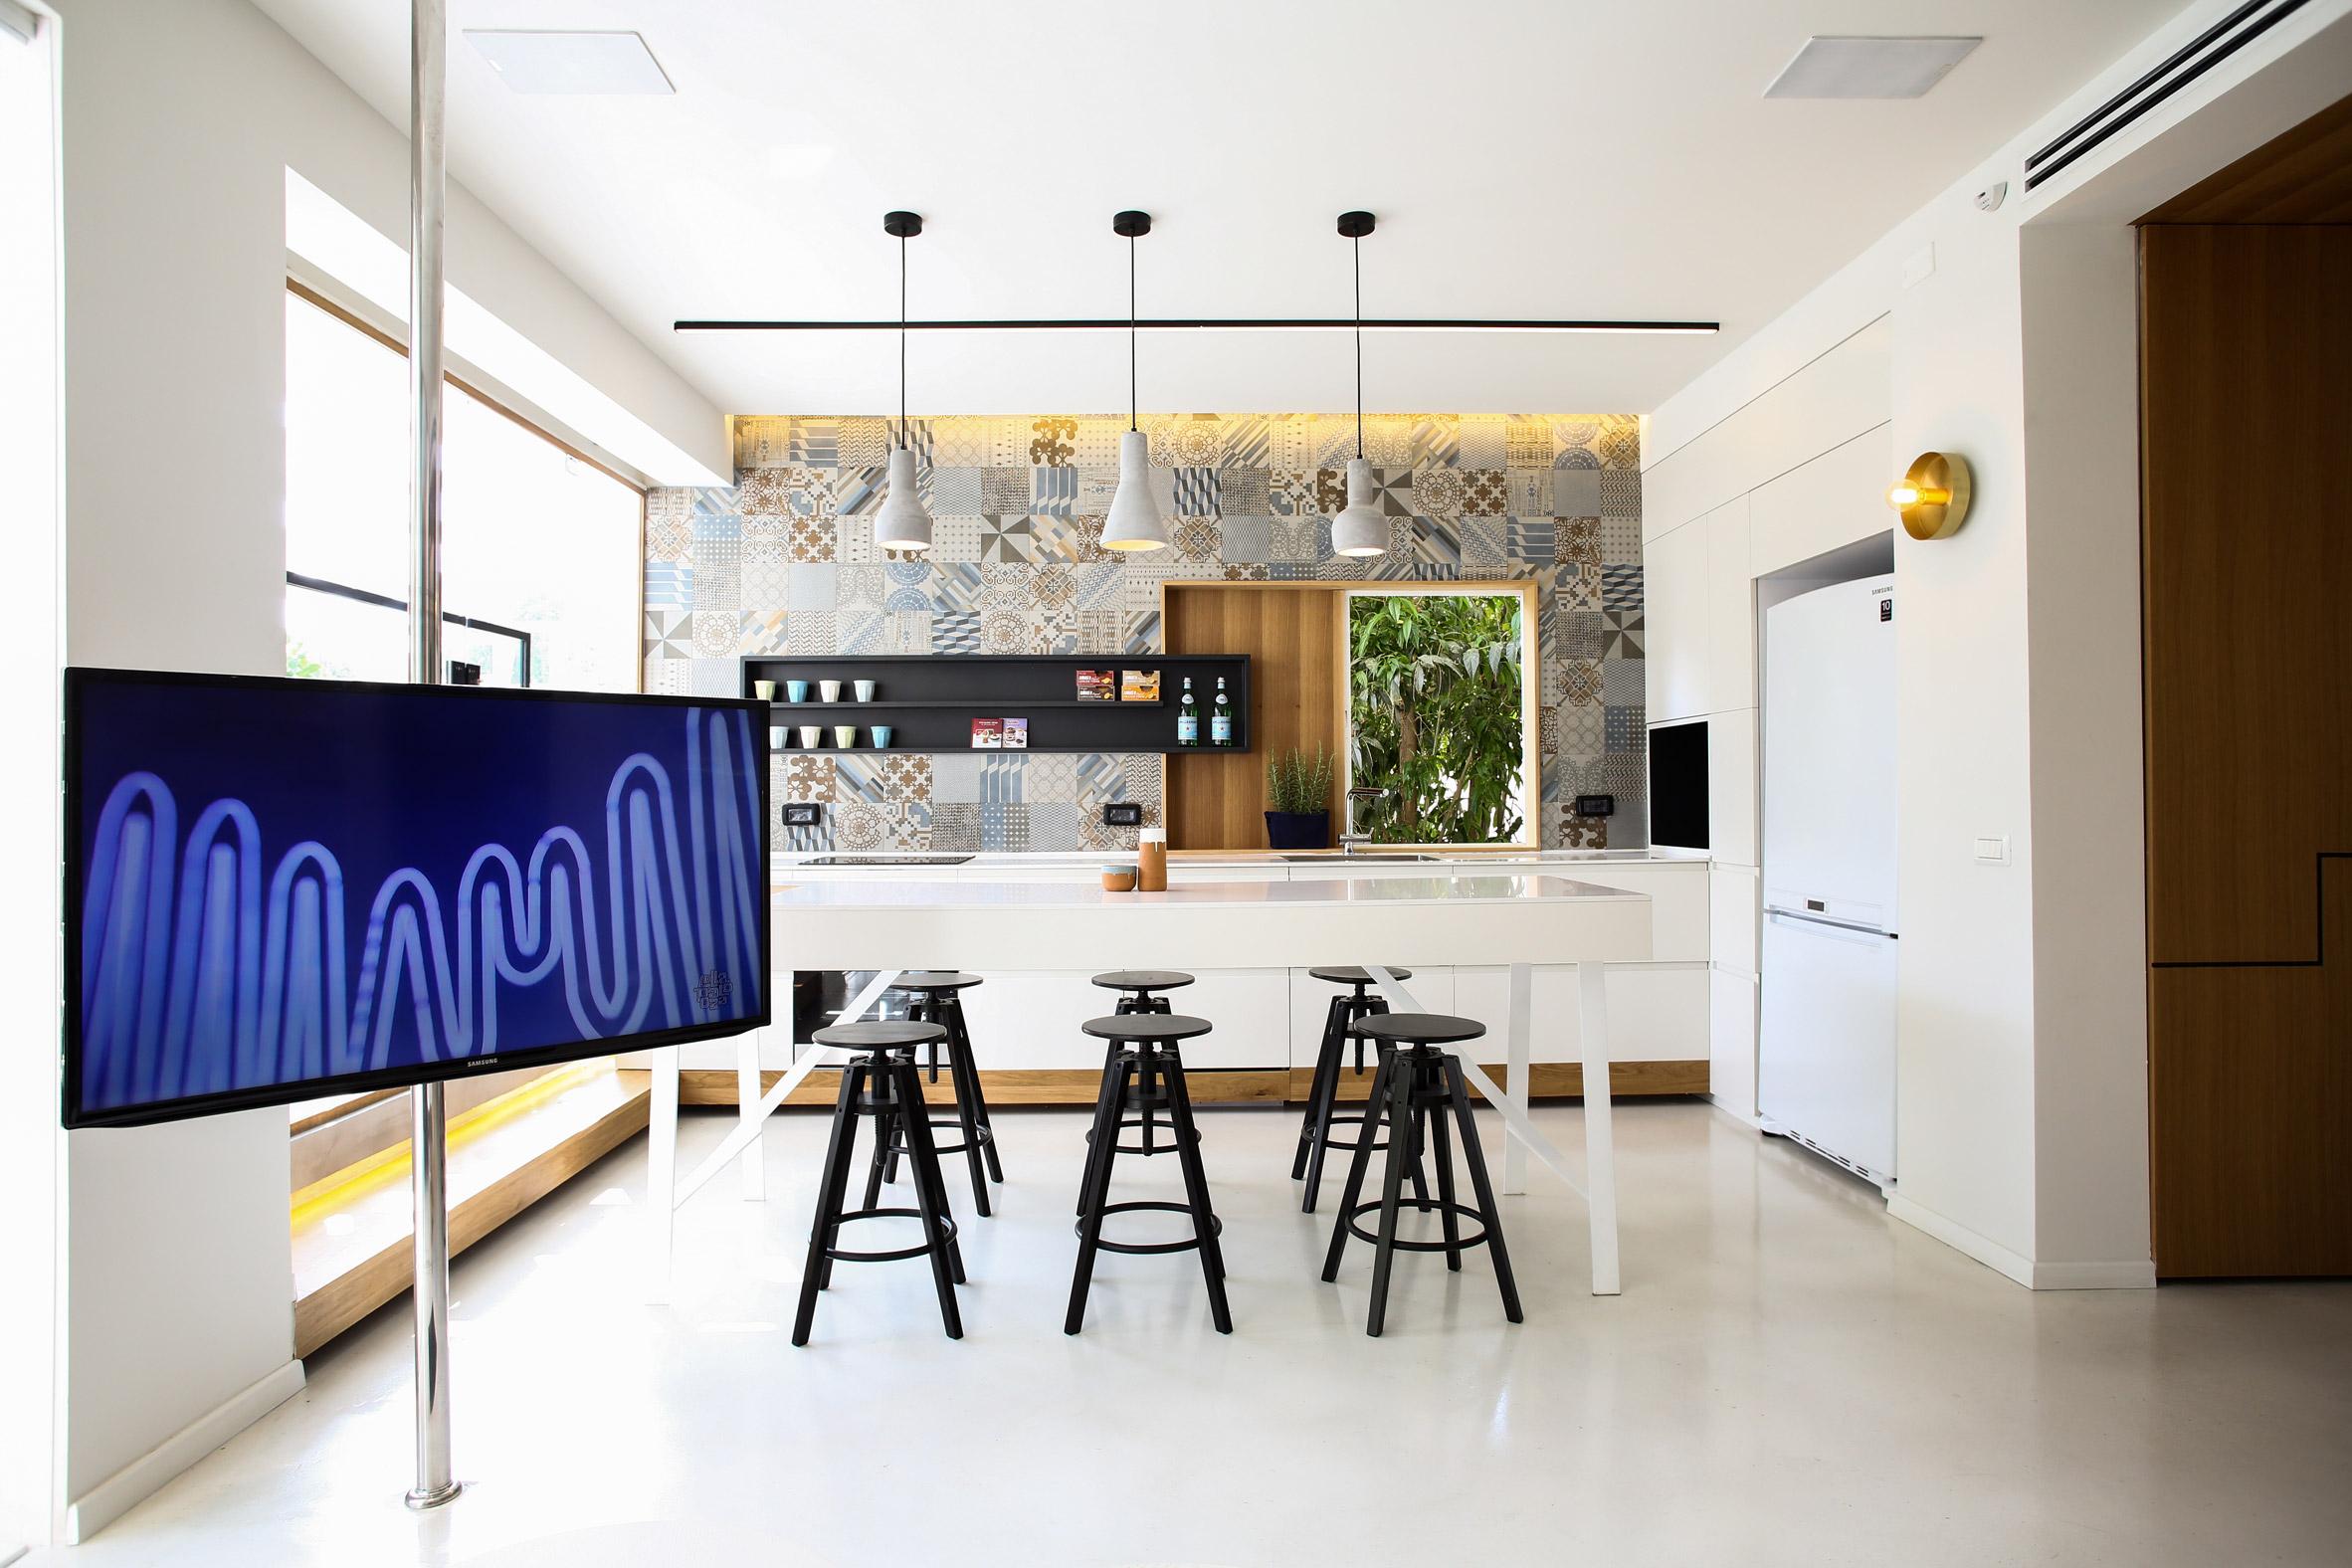 architecture-apartment-tel-aviv-design-studia-interiors-osnovadesign-osnova-poltava_12